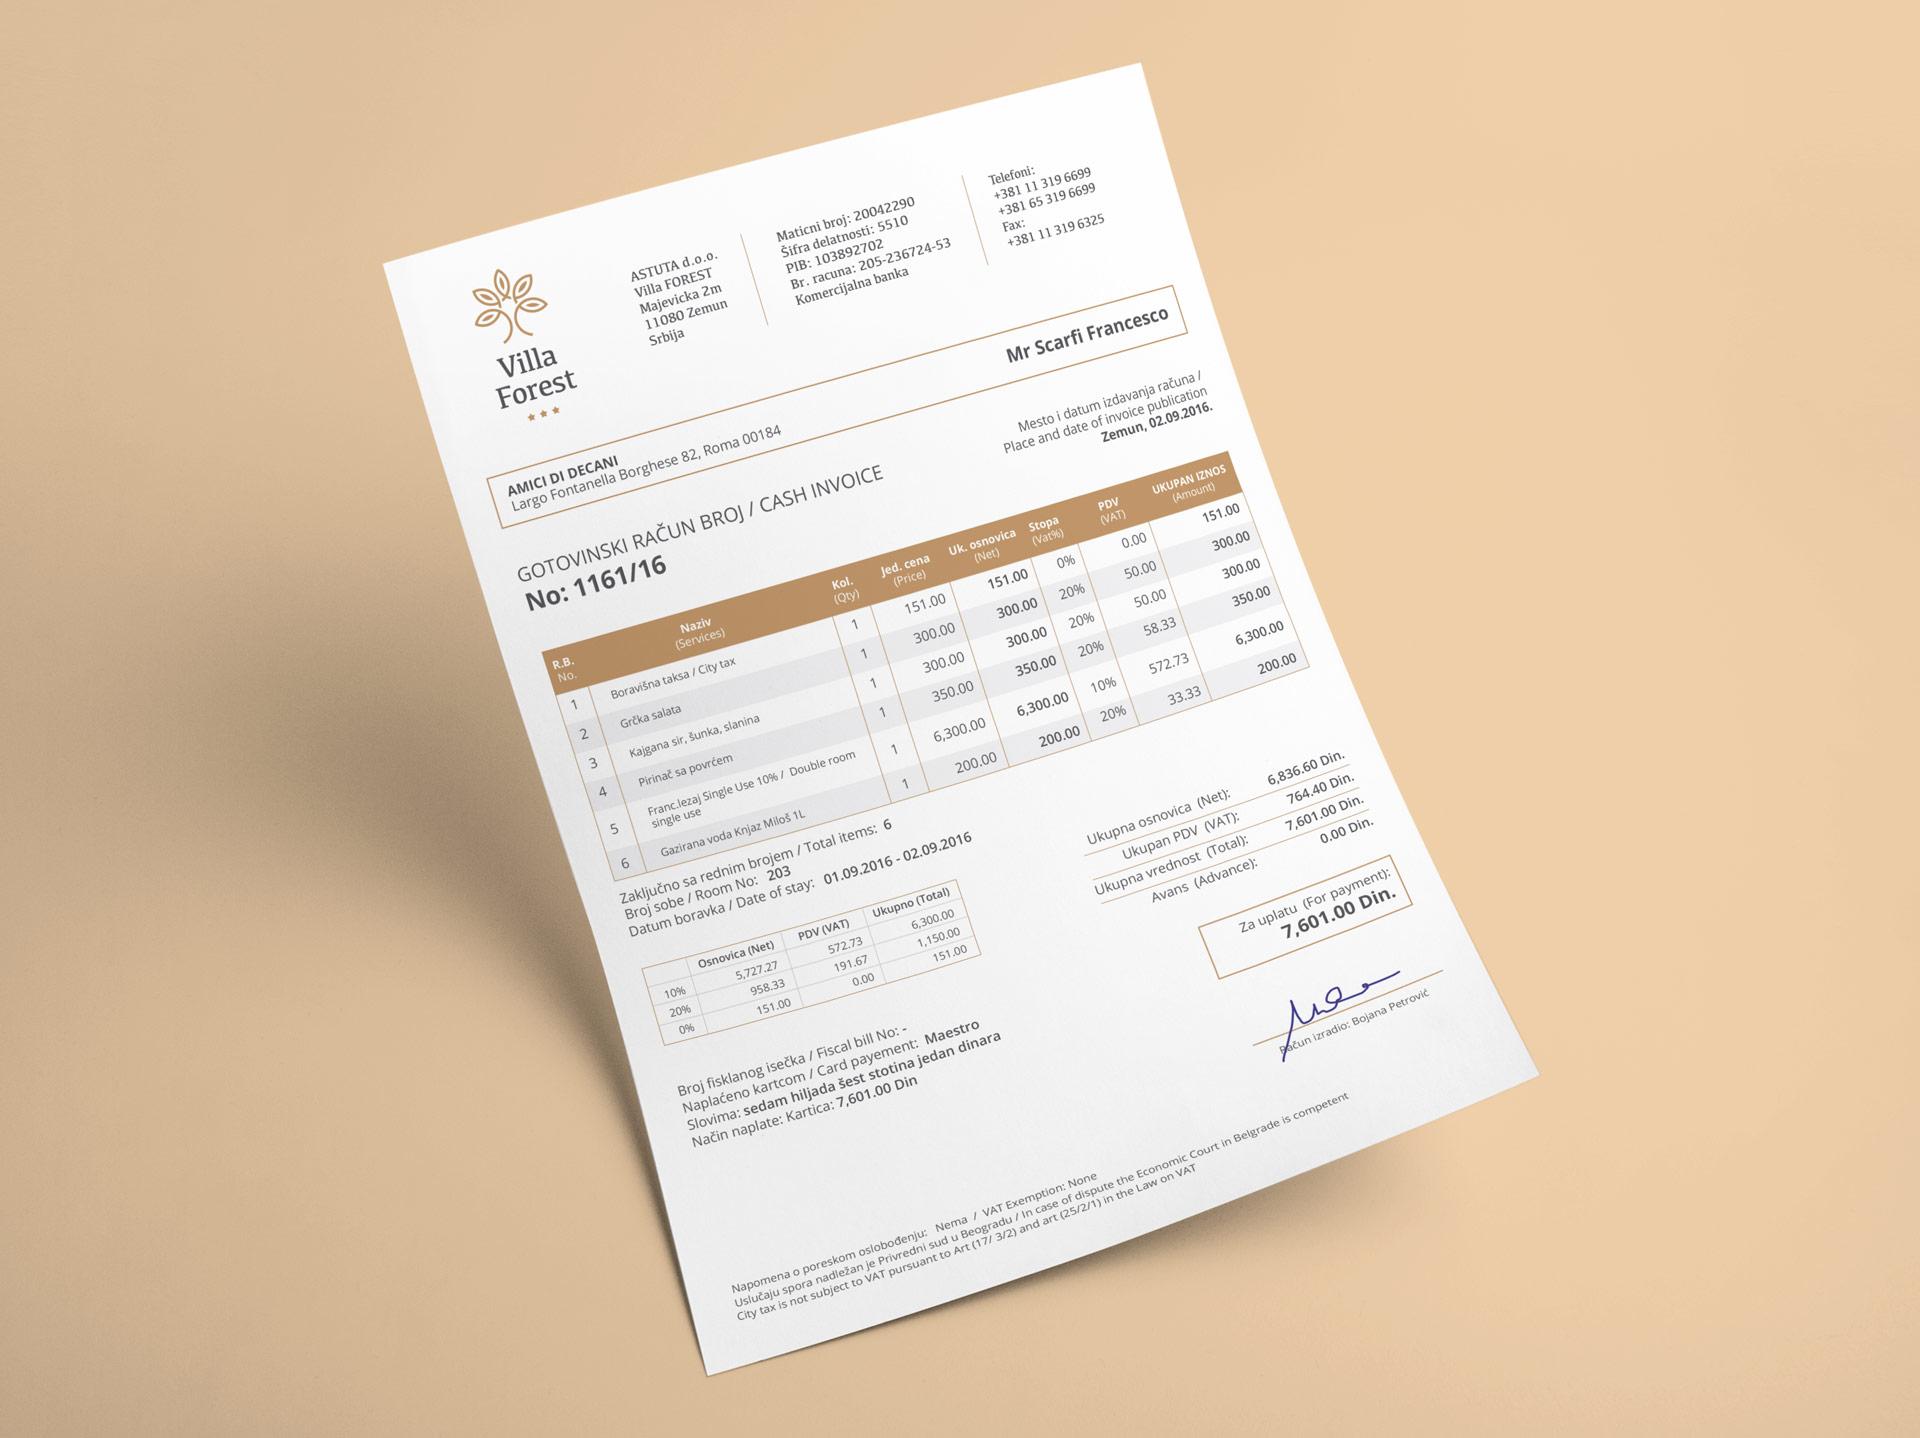 Villa Forest - dizajn računa i memoranduma